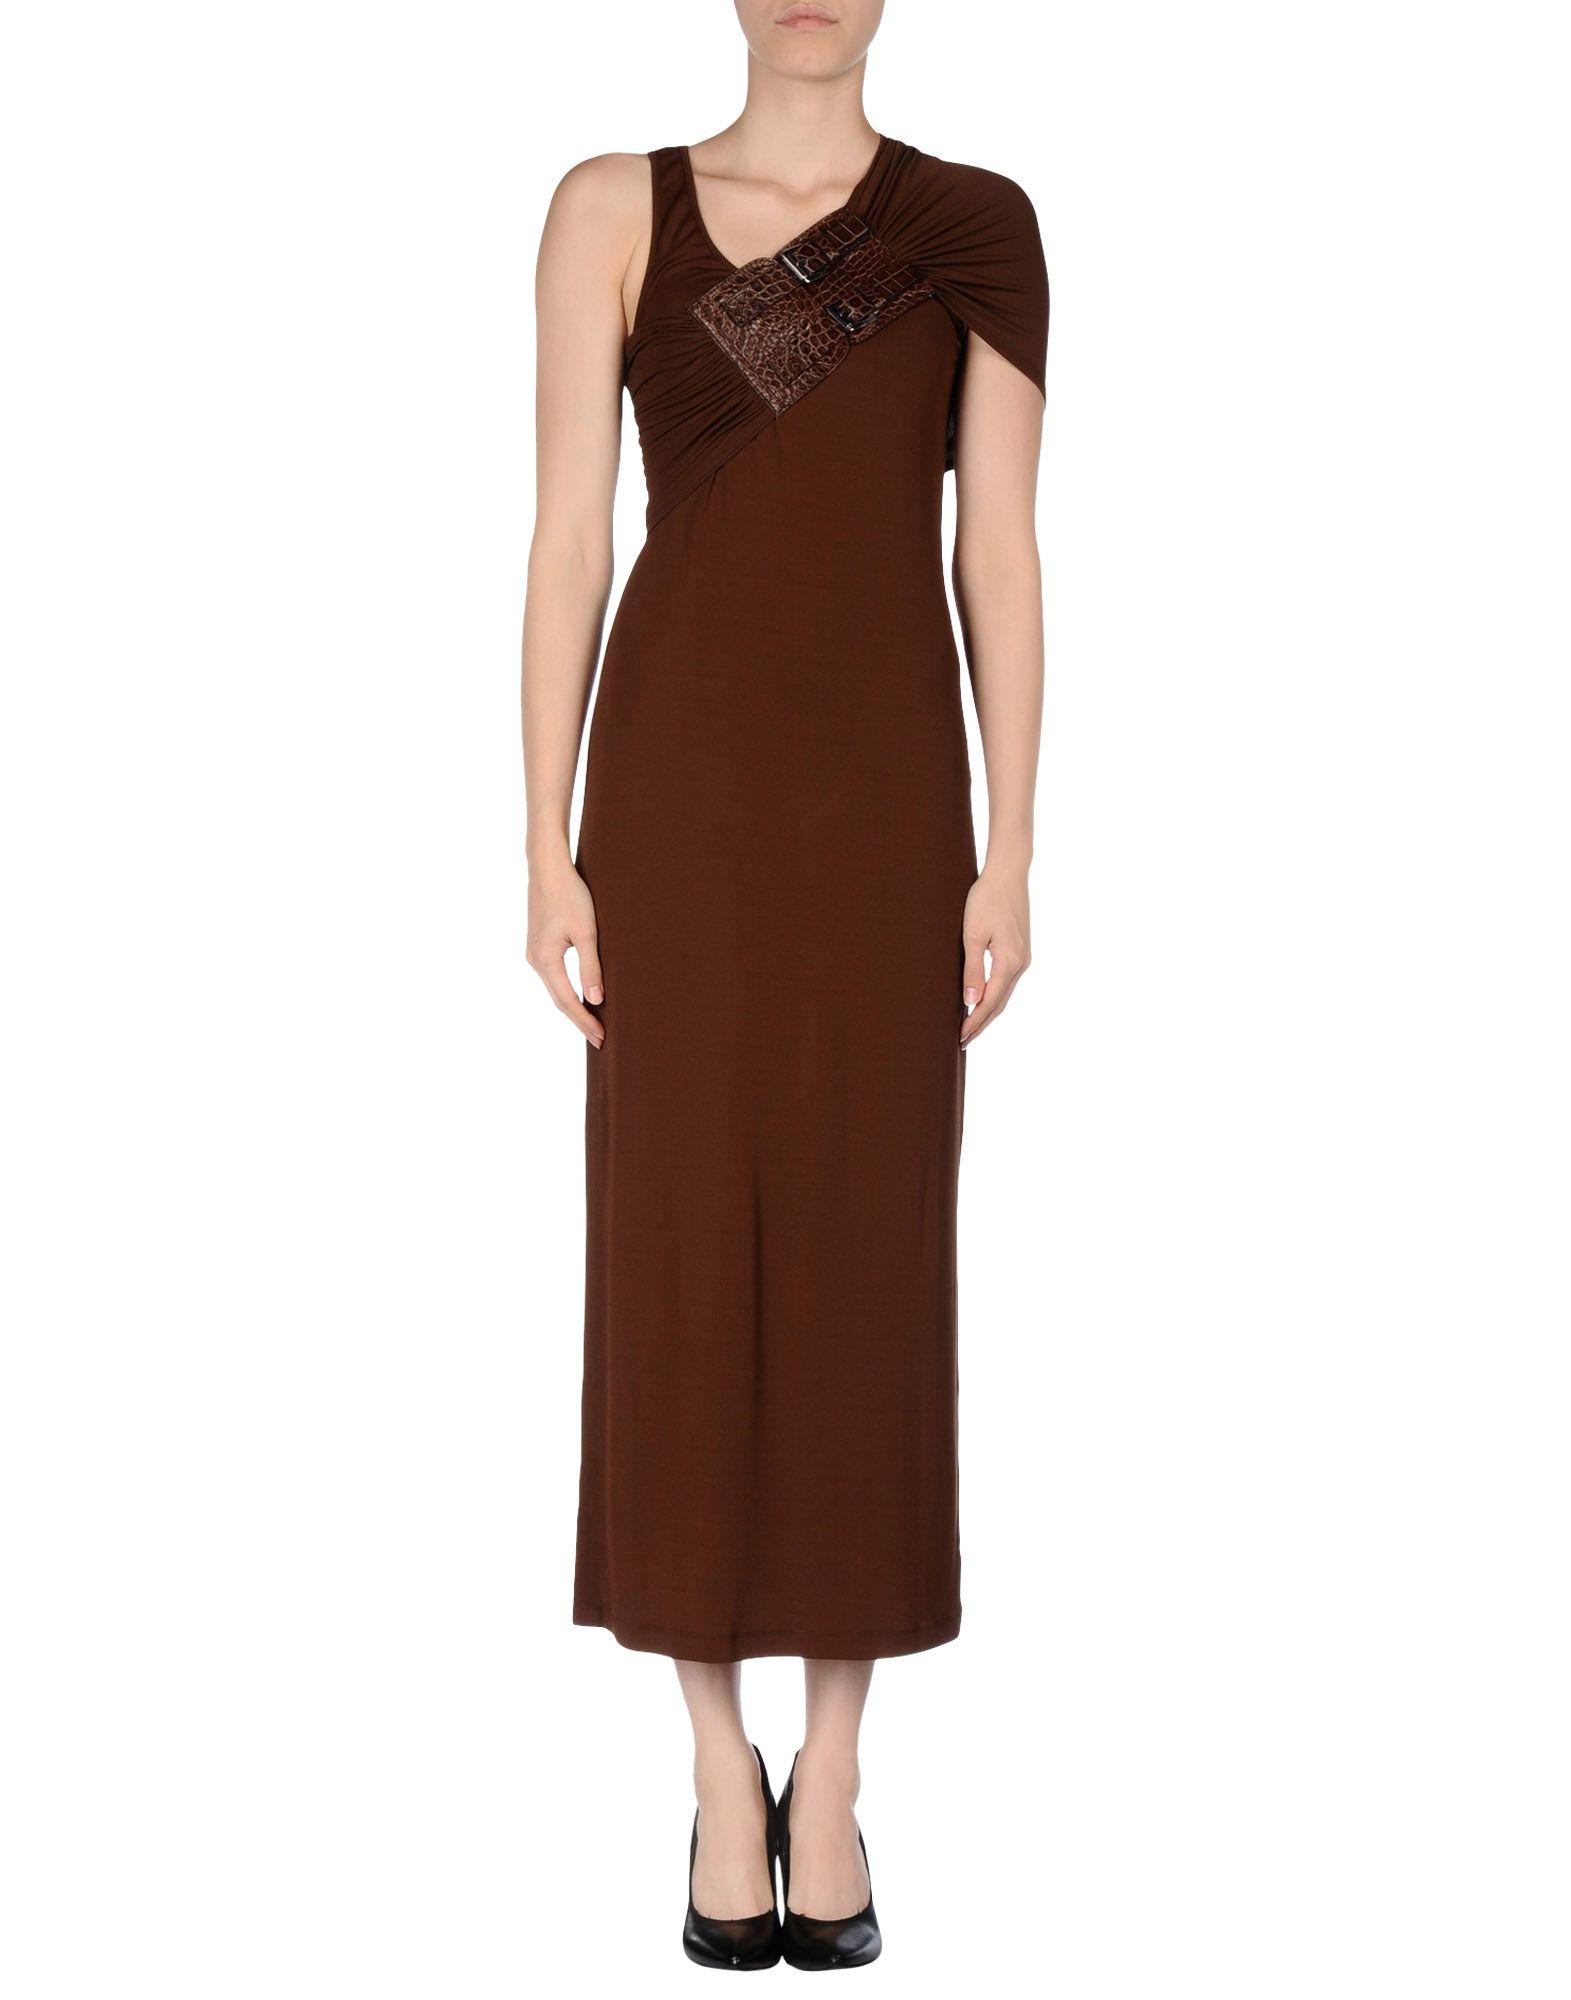 Michael kors Long Dress in Brown